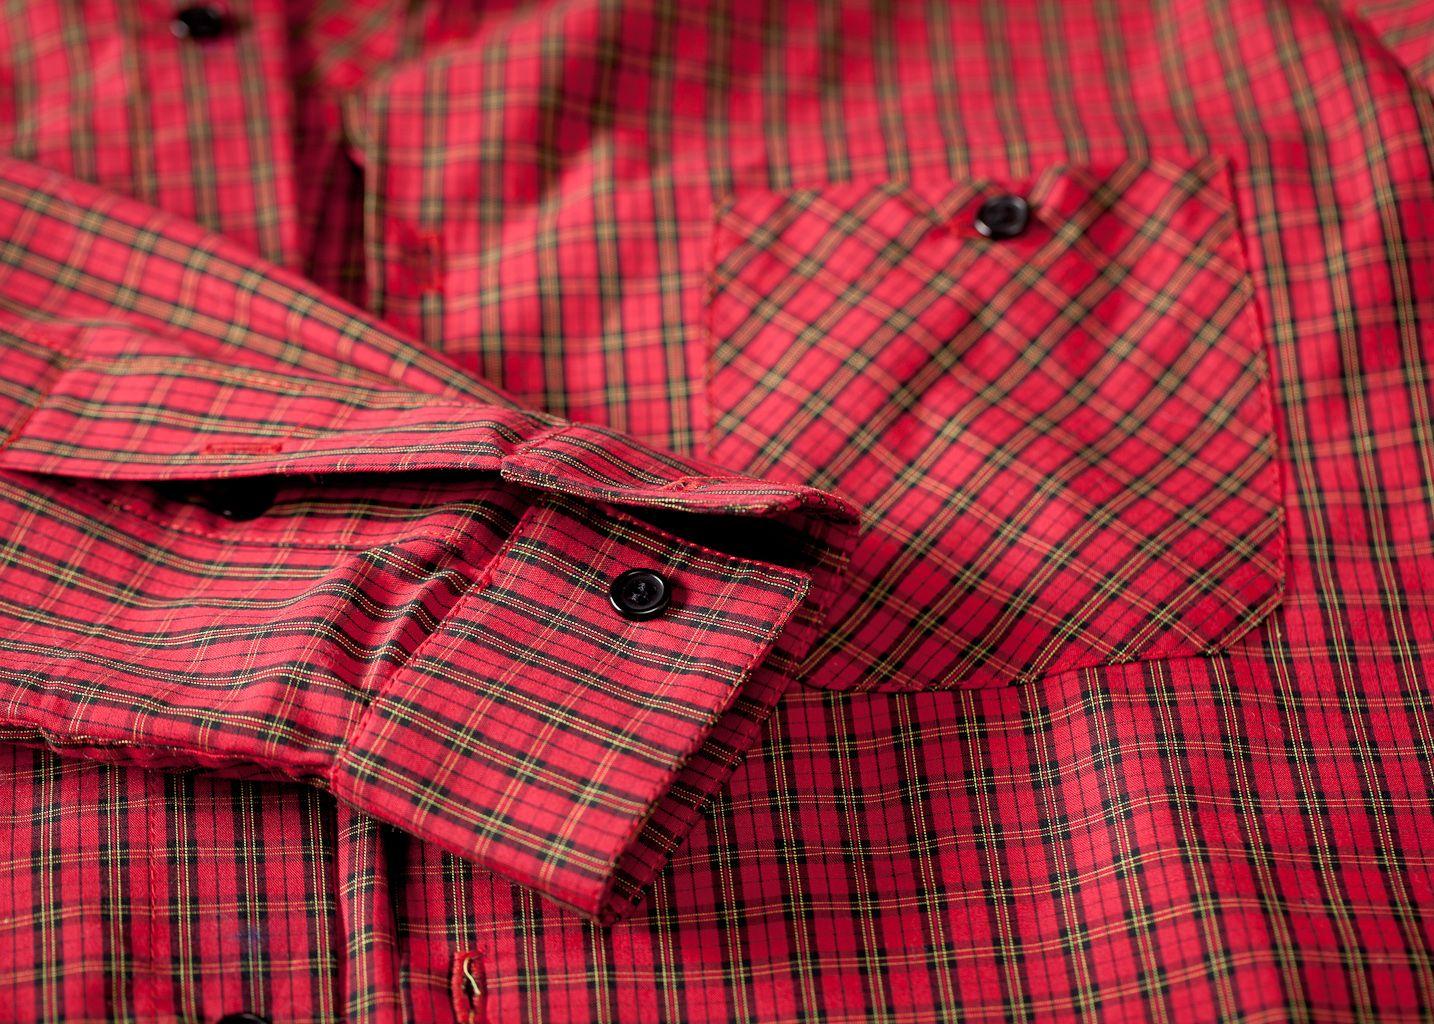 Chemise à carreaux - Les Chats Perchés